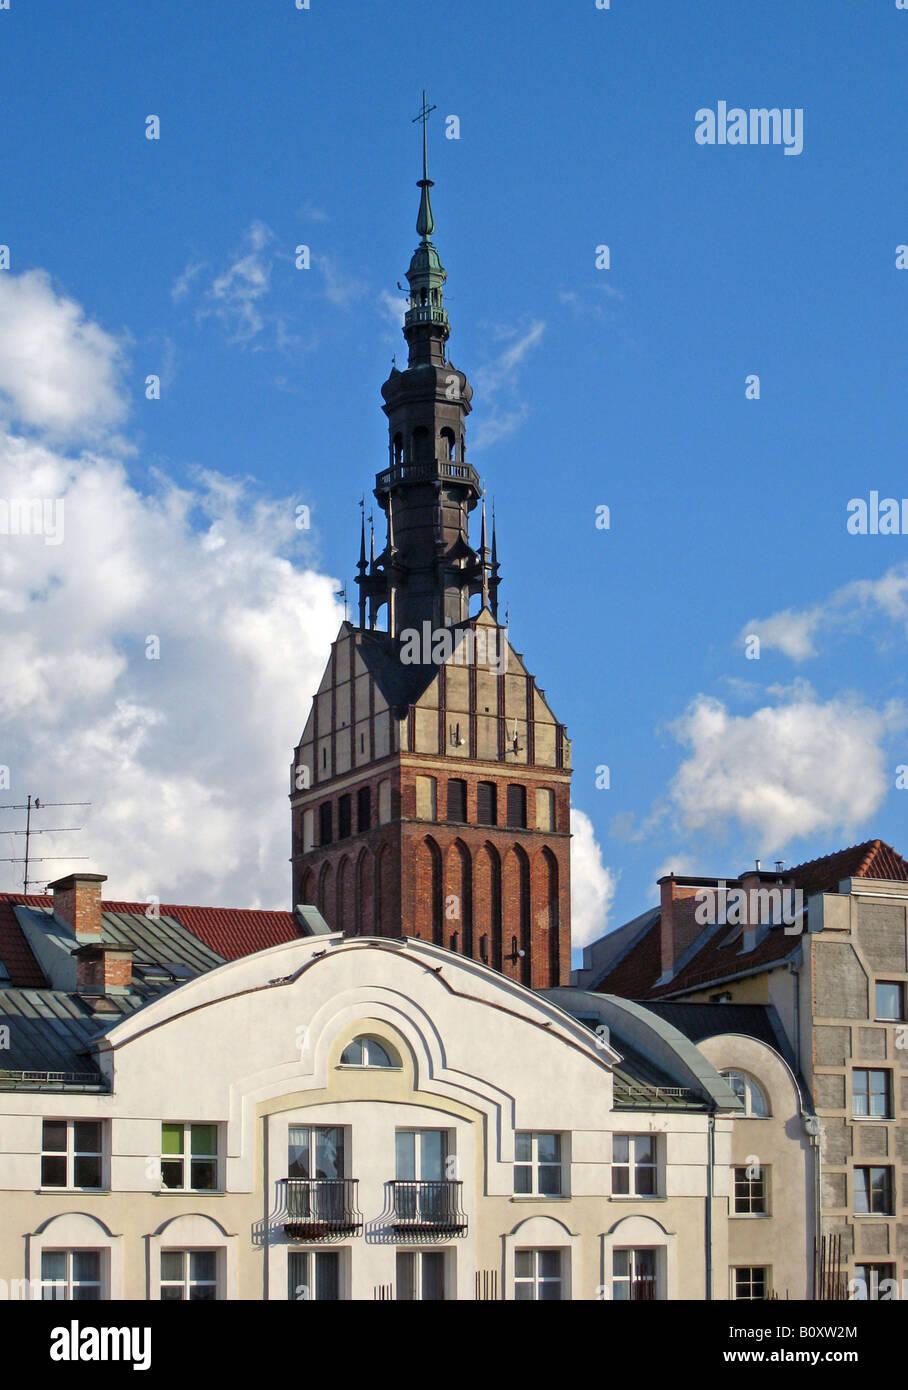 St. Nikolai church in the old town, Poland, Elblag Elbing Stock Photo